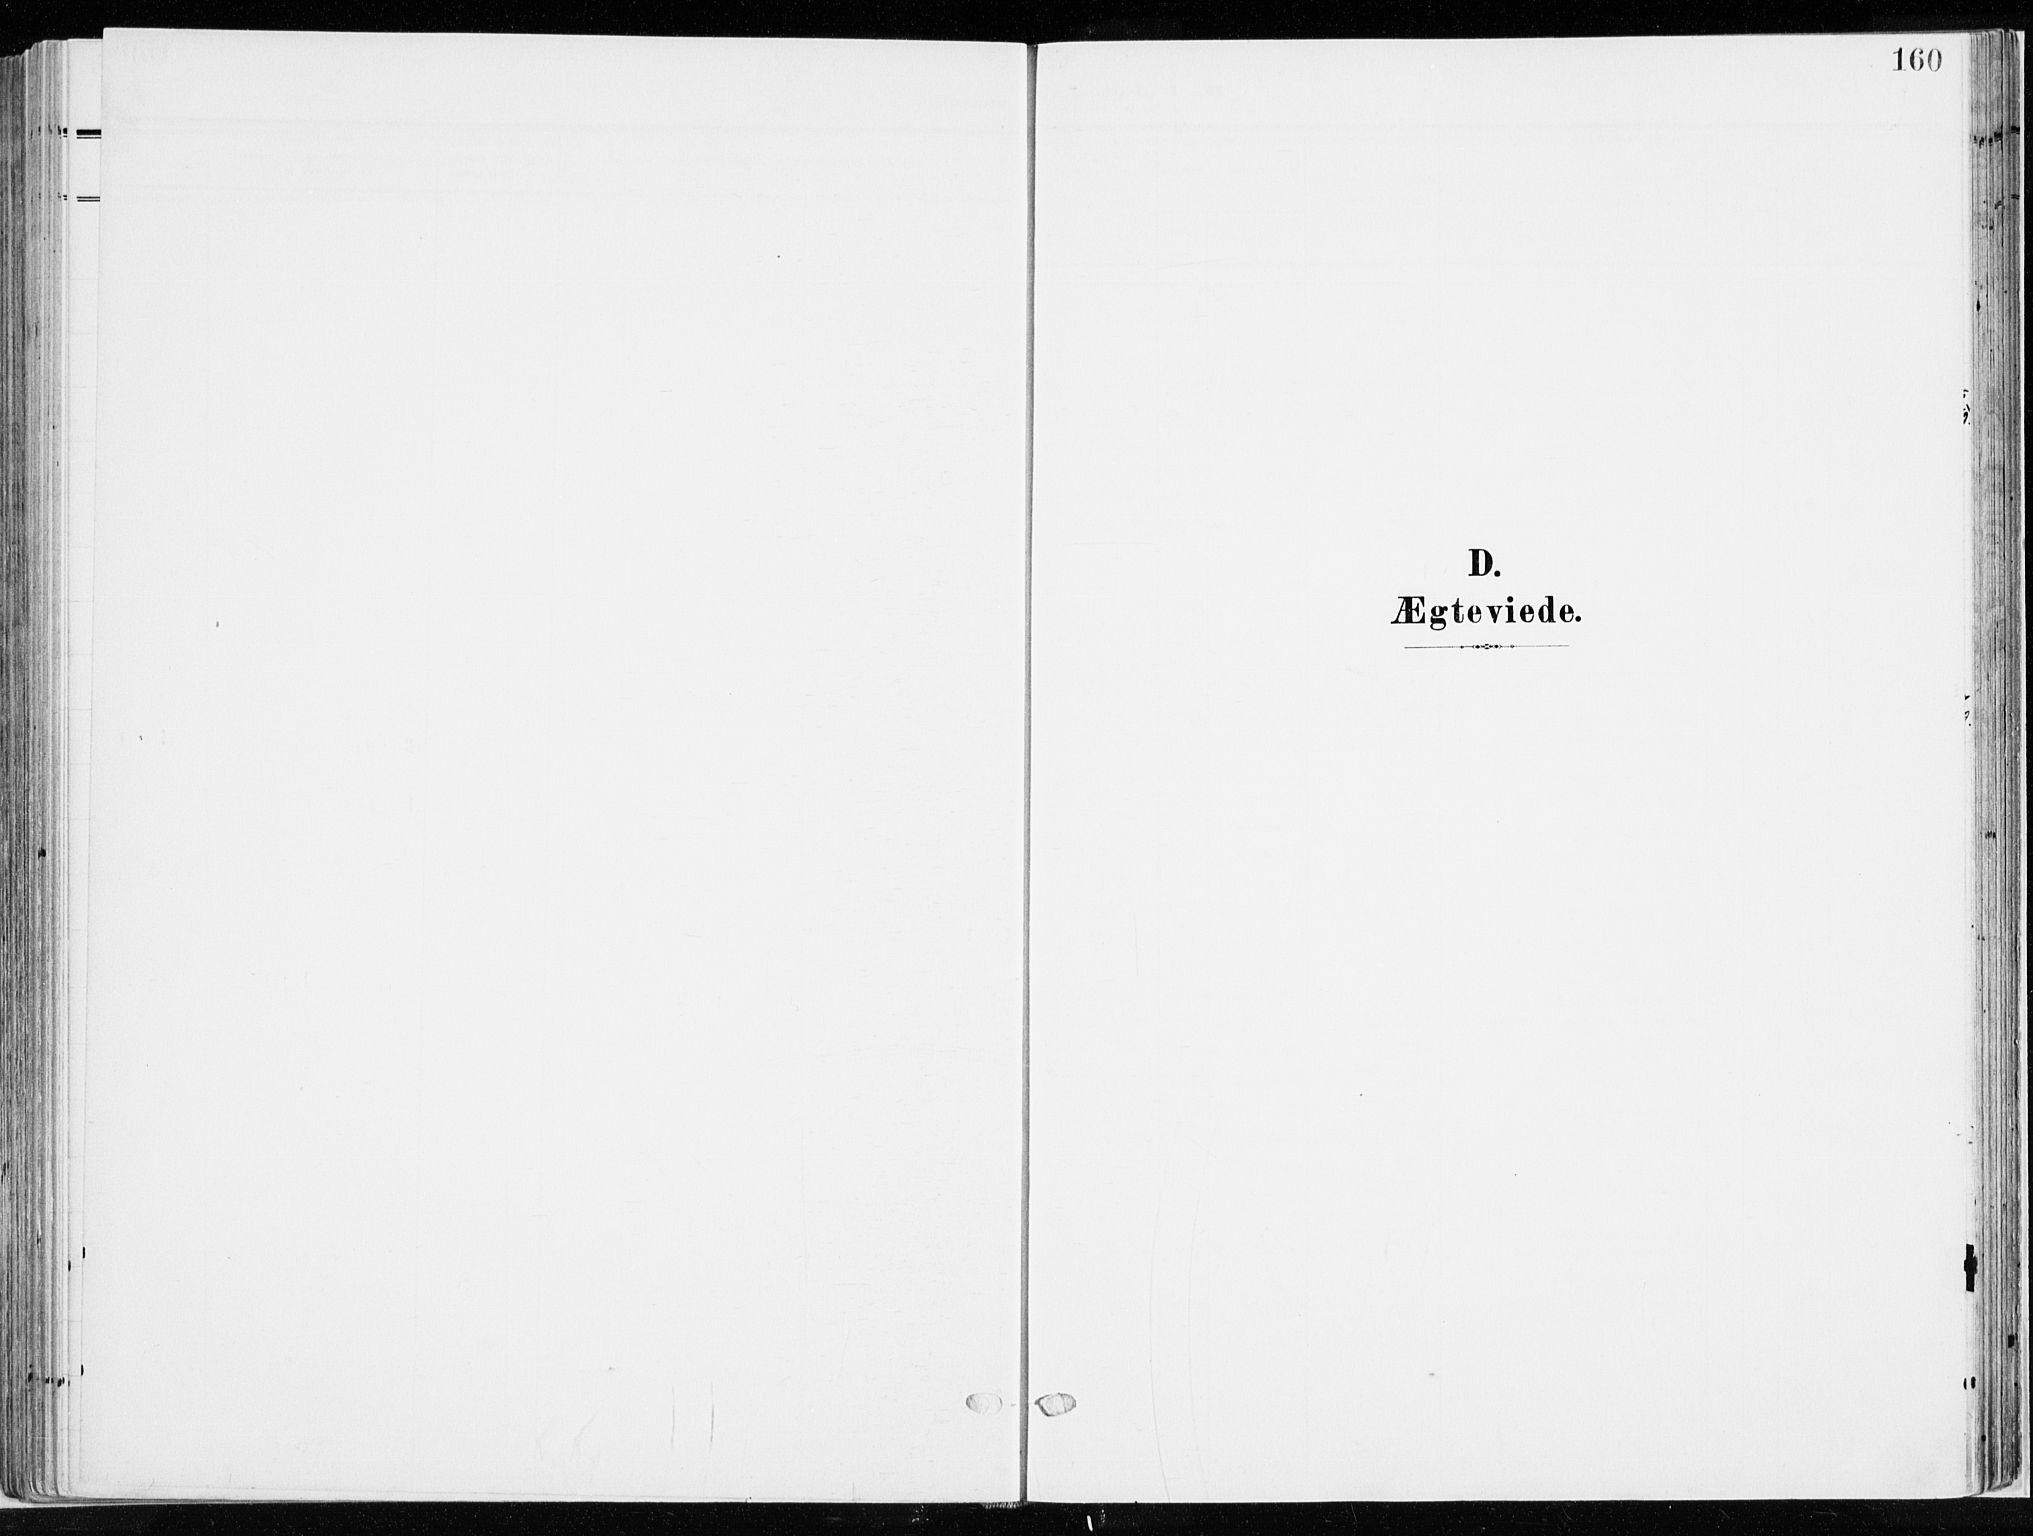 SAH, Ringsaker prestekontor, K/Ka/L0019: Ministerialbok nr. 19, 1905-1920, s. 160